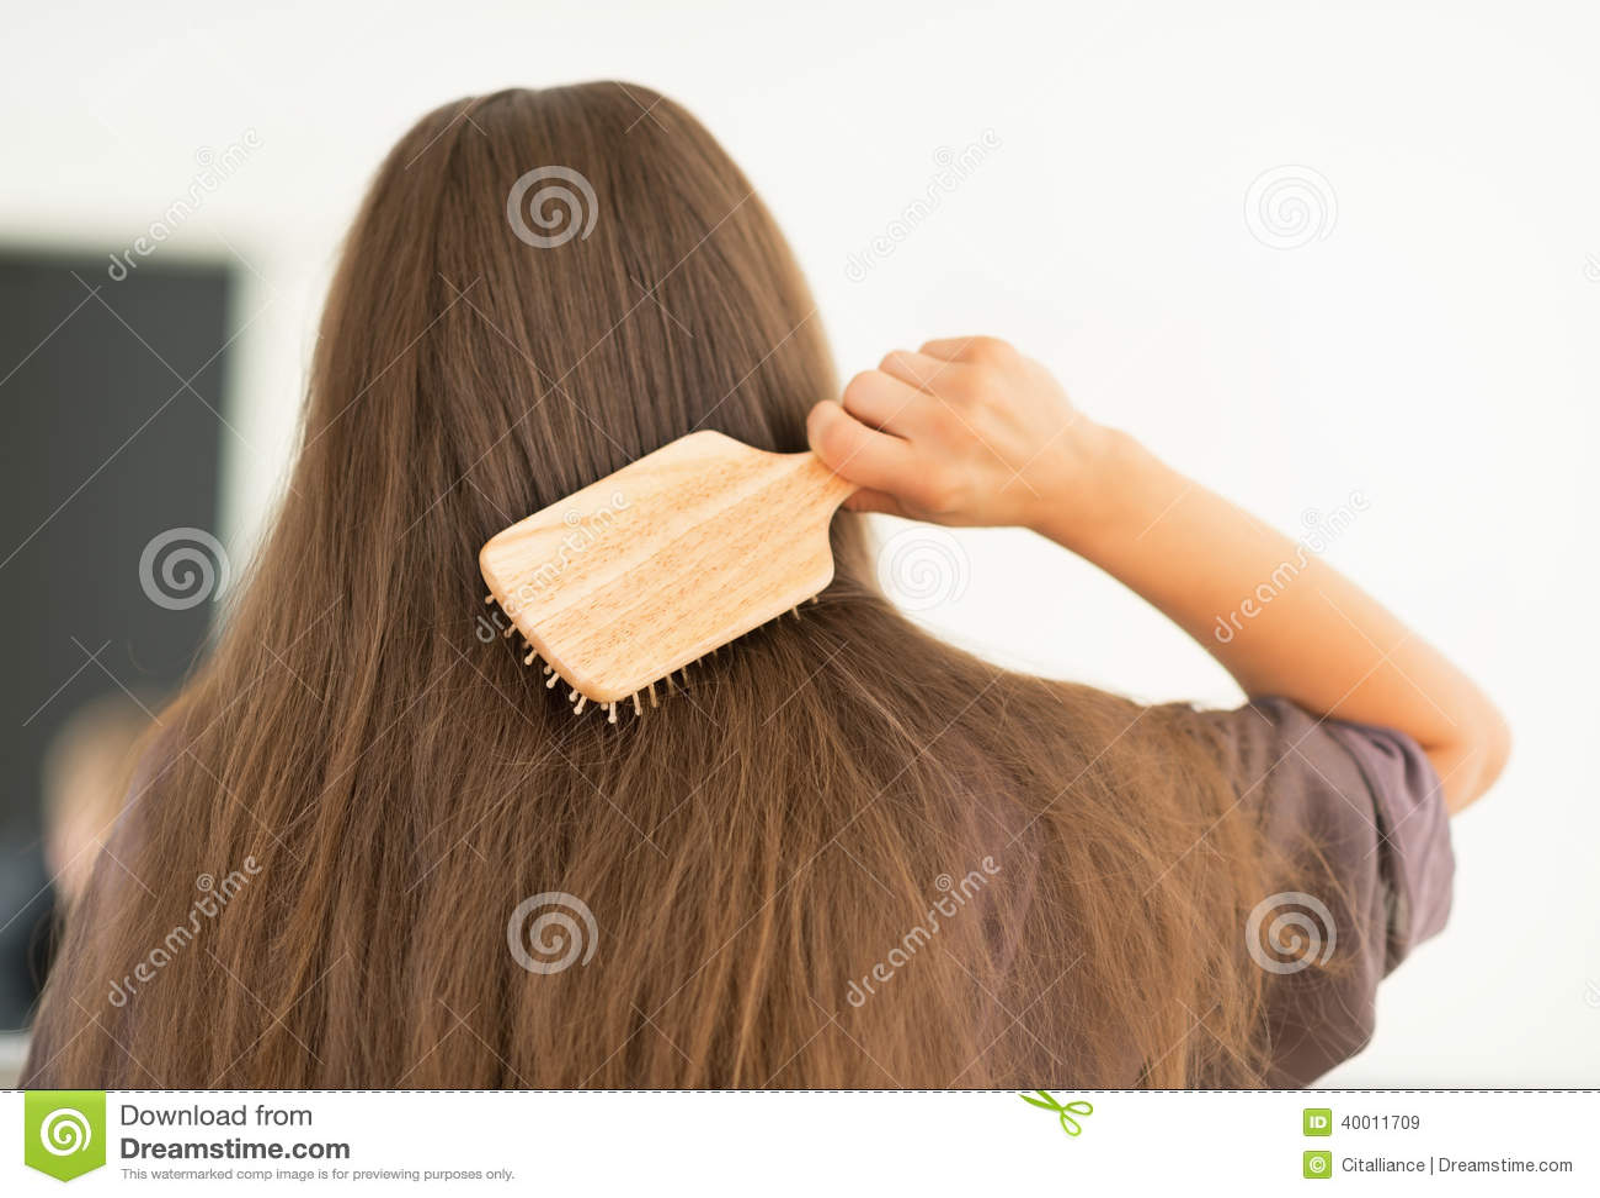 梳头发的少妇在现代卫生间里 查出的背面图白色.图片